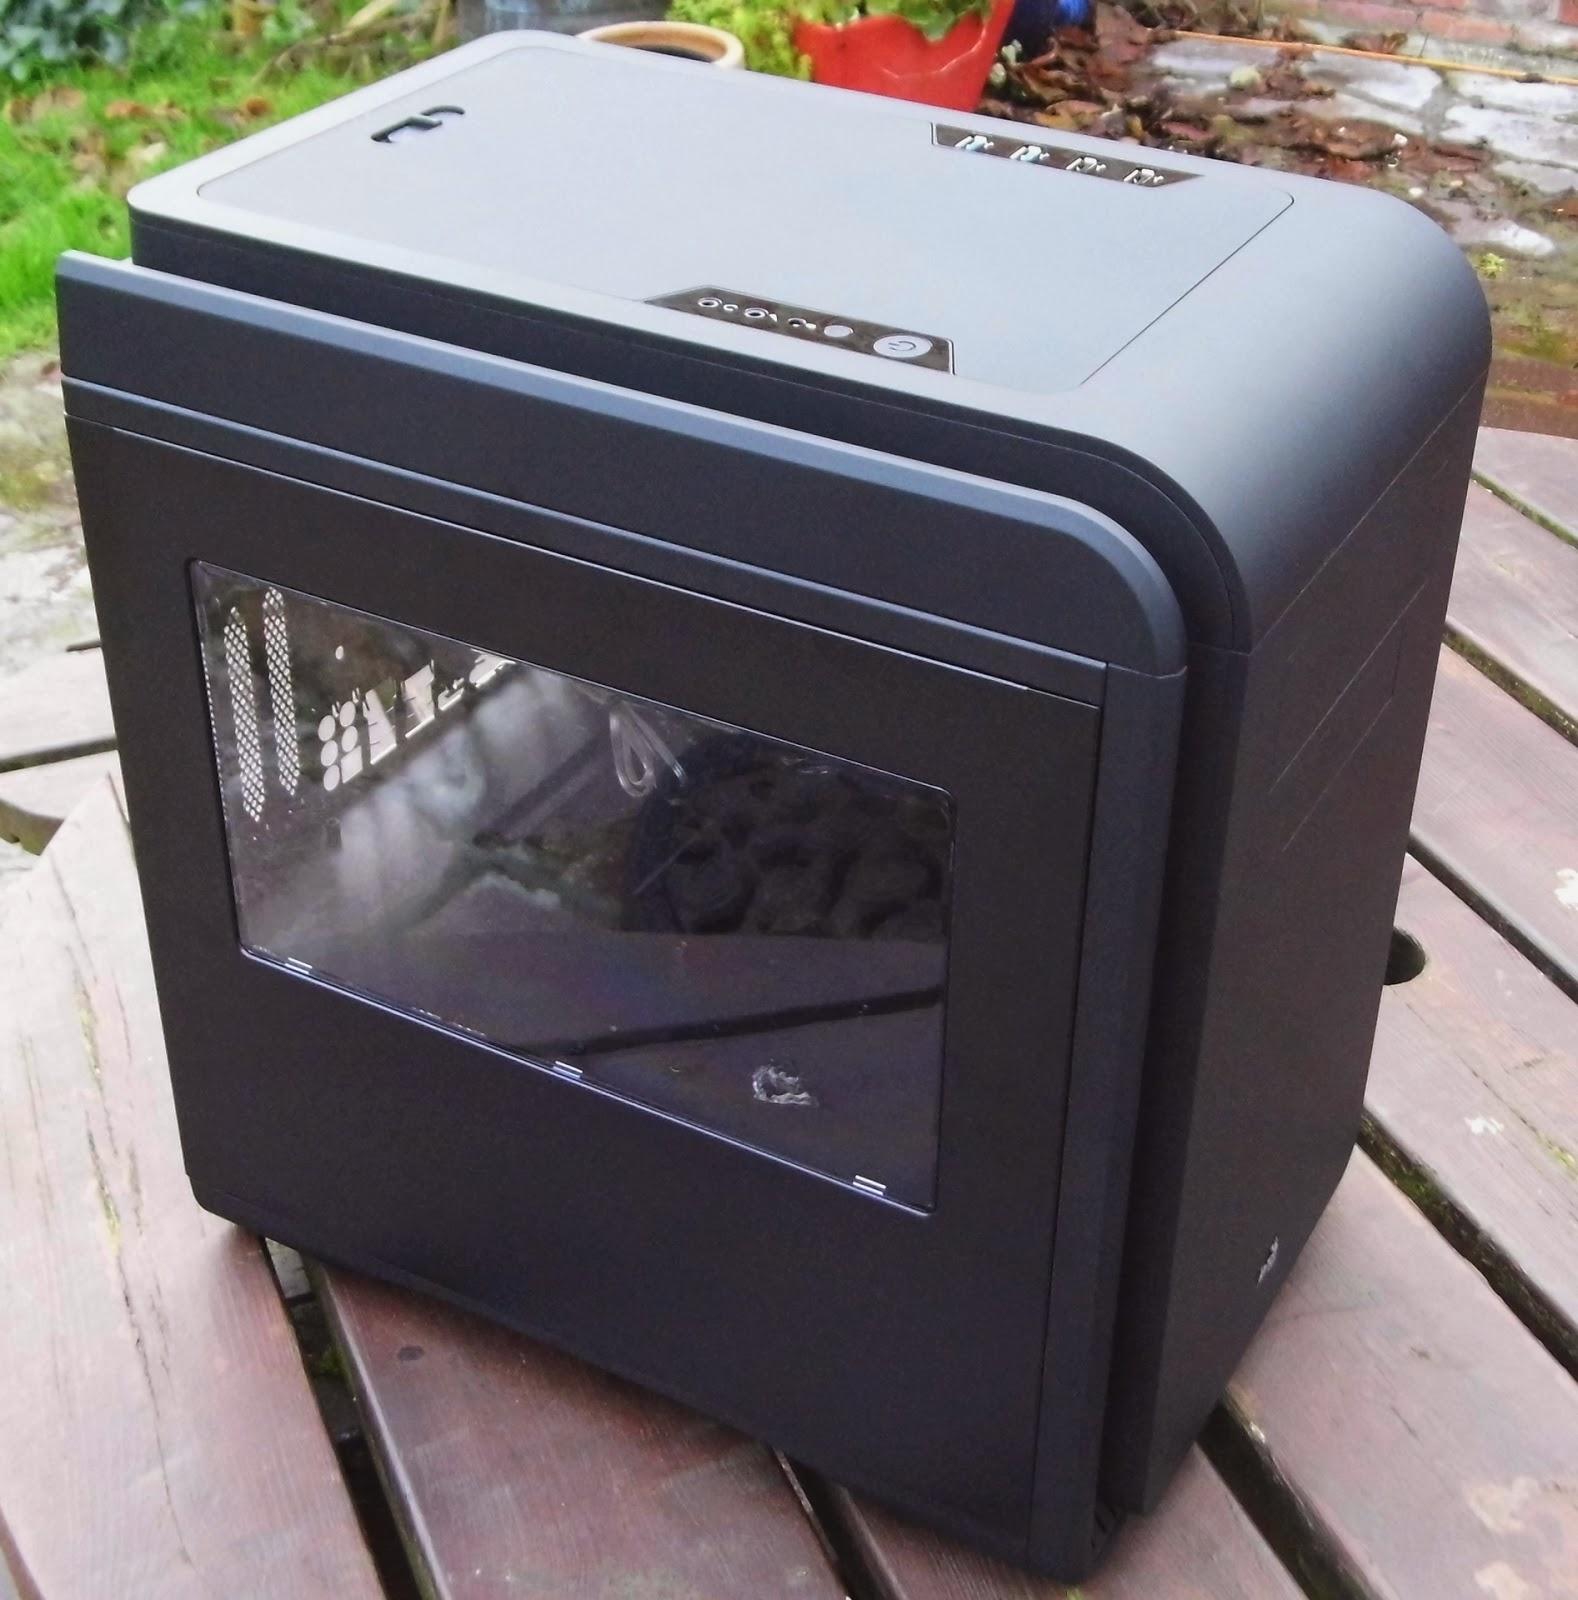 la-centrale-du-hardware-test-boitier-aerocol-ds-dead-silence-cube